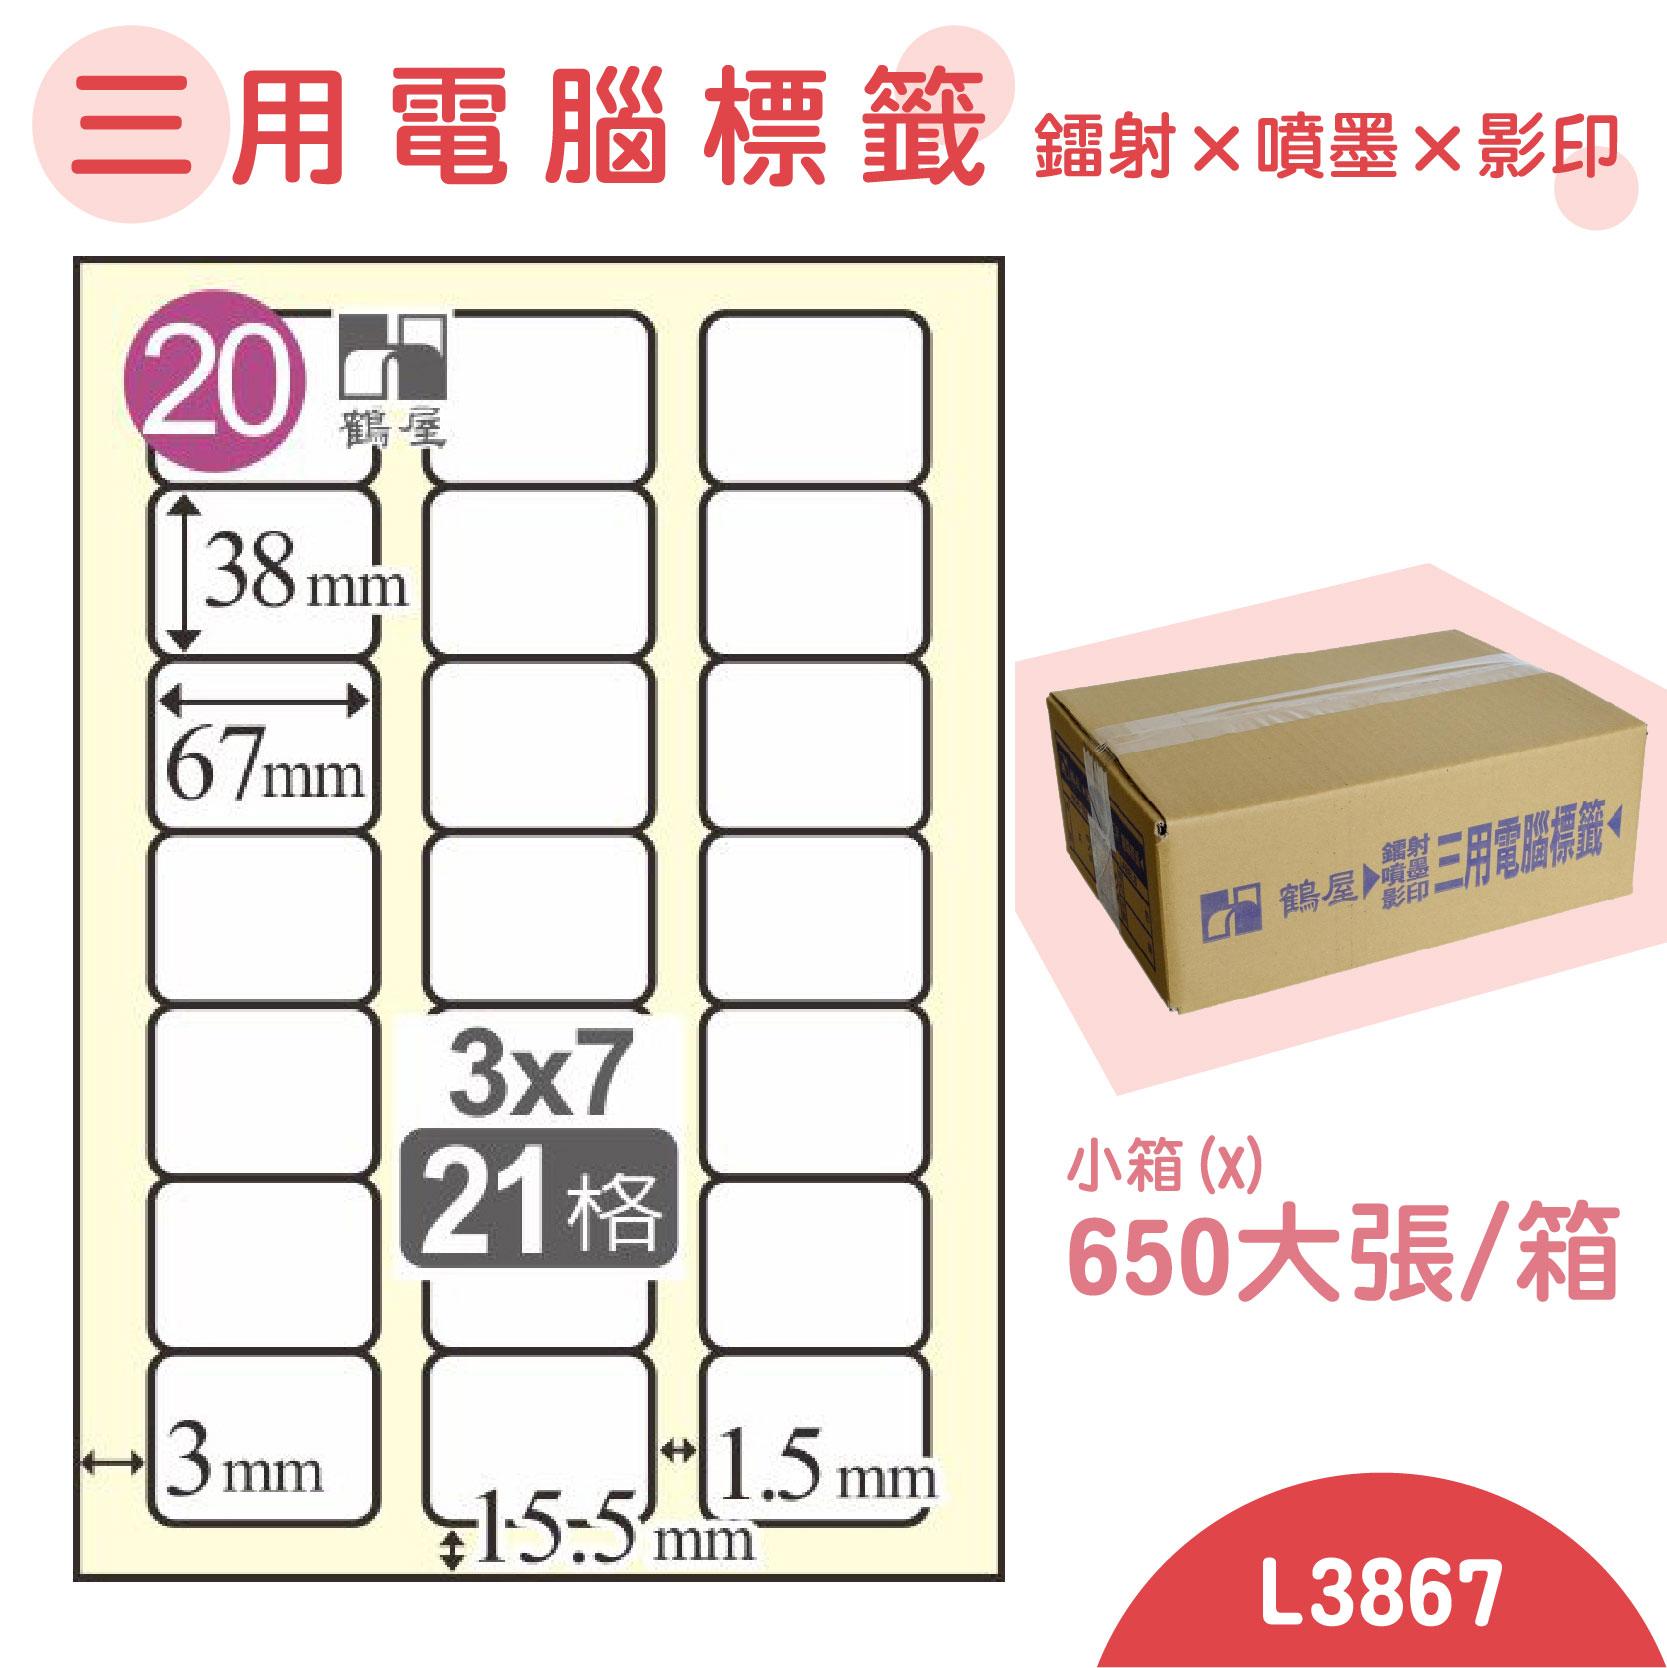 電腦標籤紙(鶴屋) 白色 L3867 21格 650大張/小箱 影印 雷射 噴墨 三用 標籤 貼紙 信封 光碟 名條